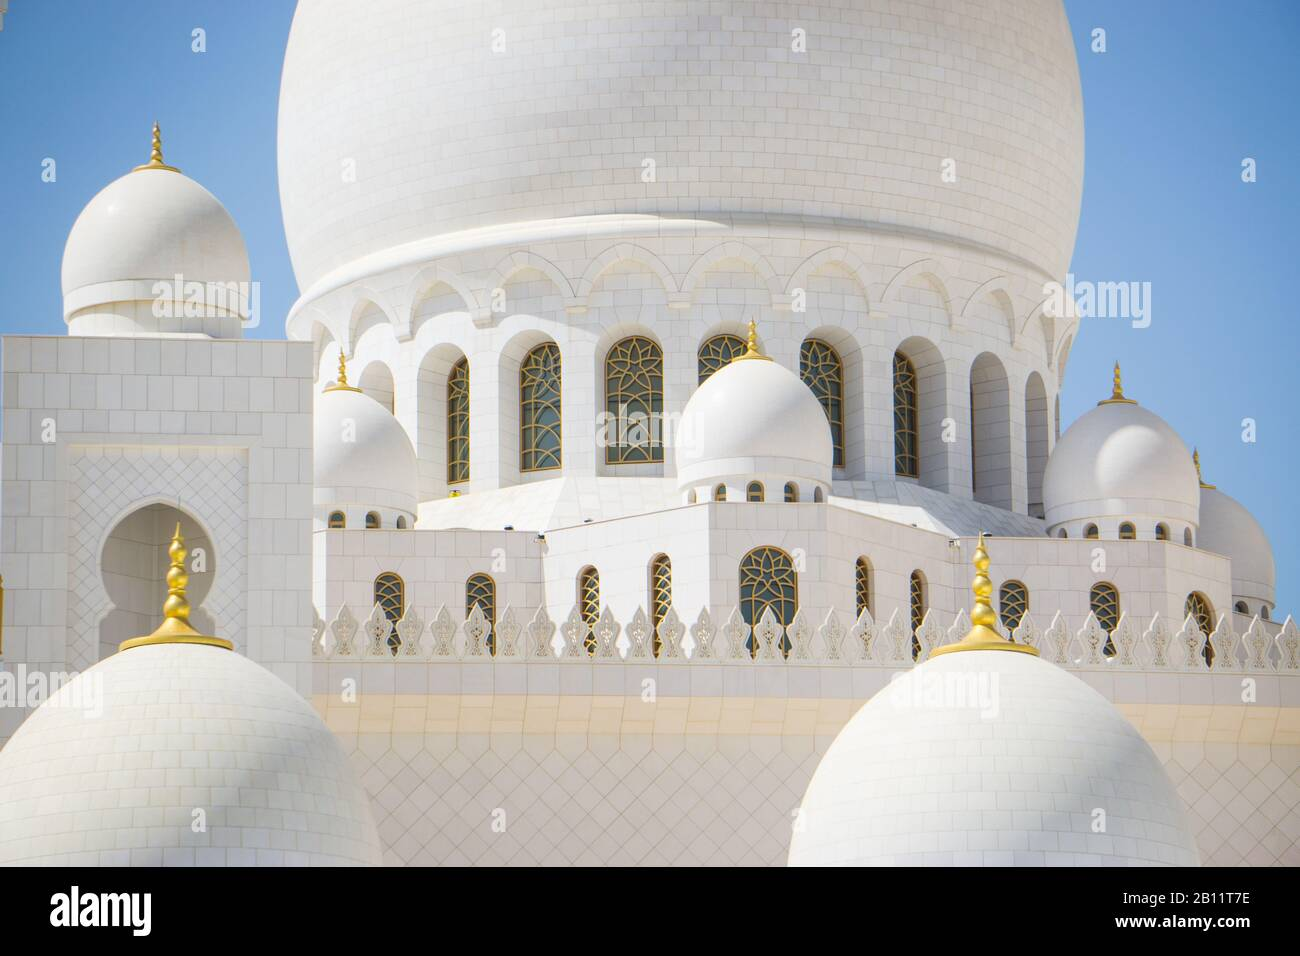 Arches et dômes en marbre blanc de la Grande Mosquée Sheikh Zayed, Abu Dhabi. Banque D'Images